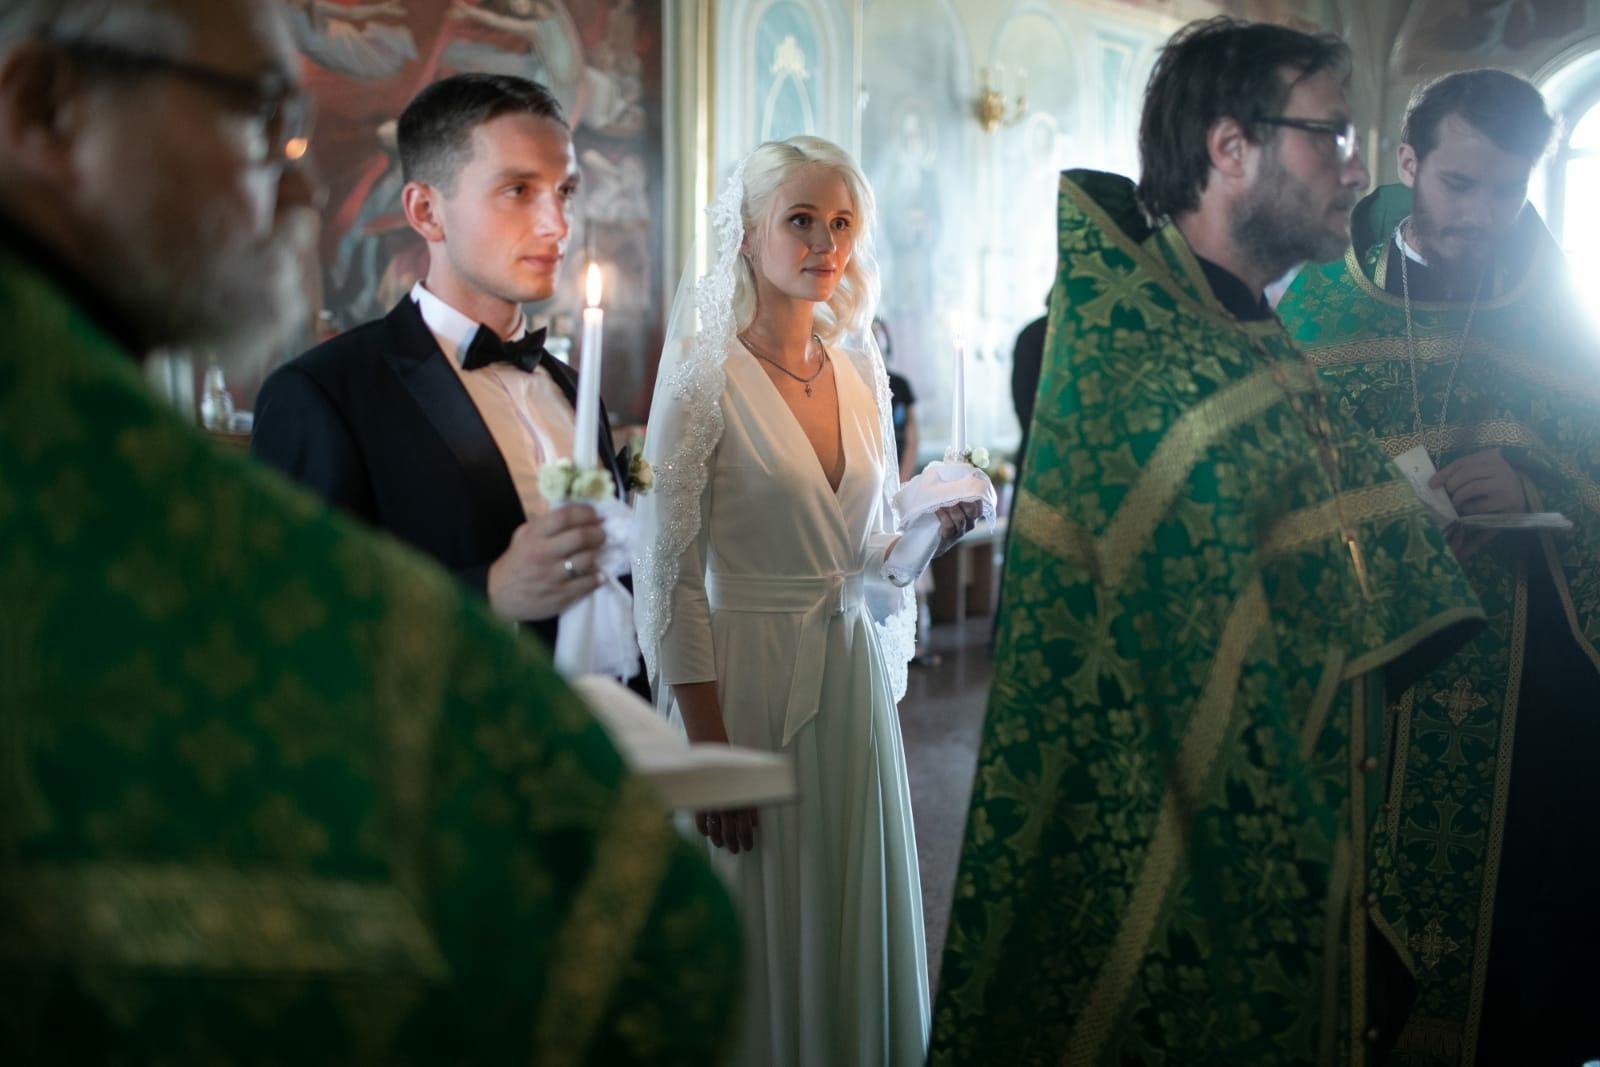 Поздравляем молодоженов чтеца Арсения Починка и Анну со вступлением в брак